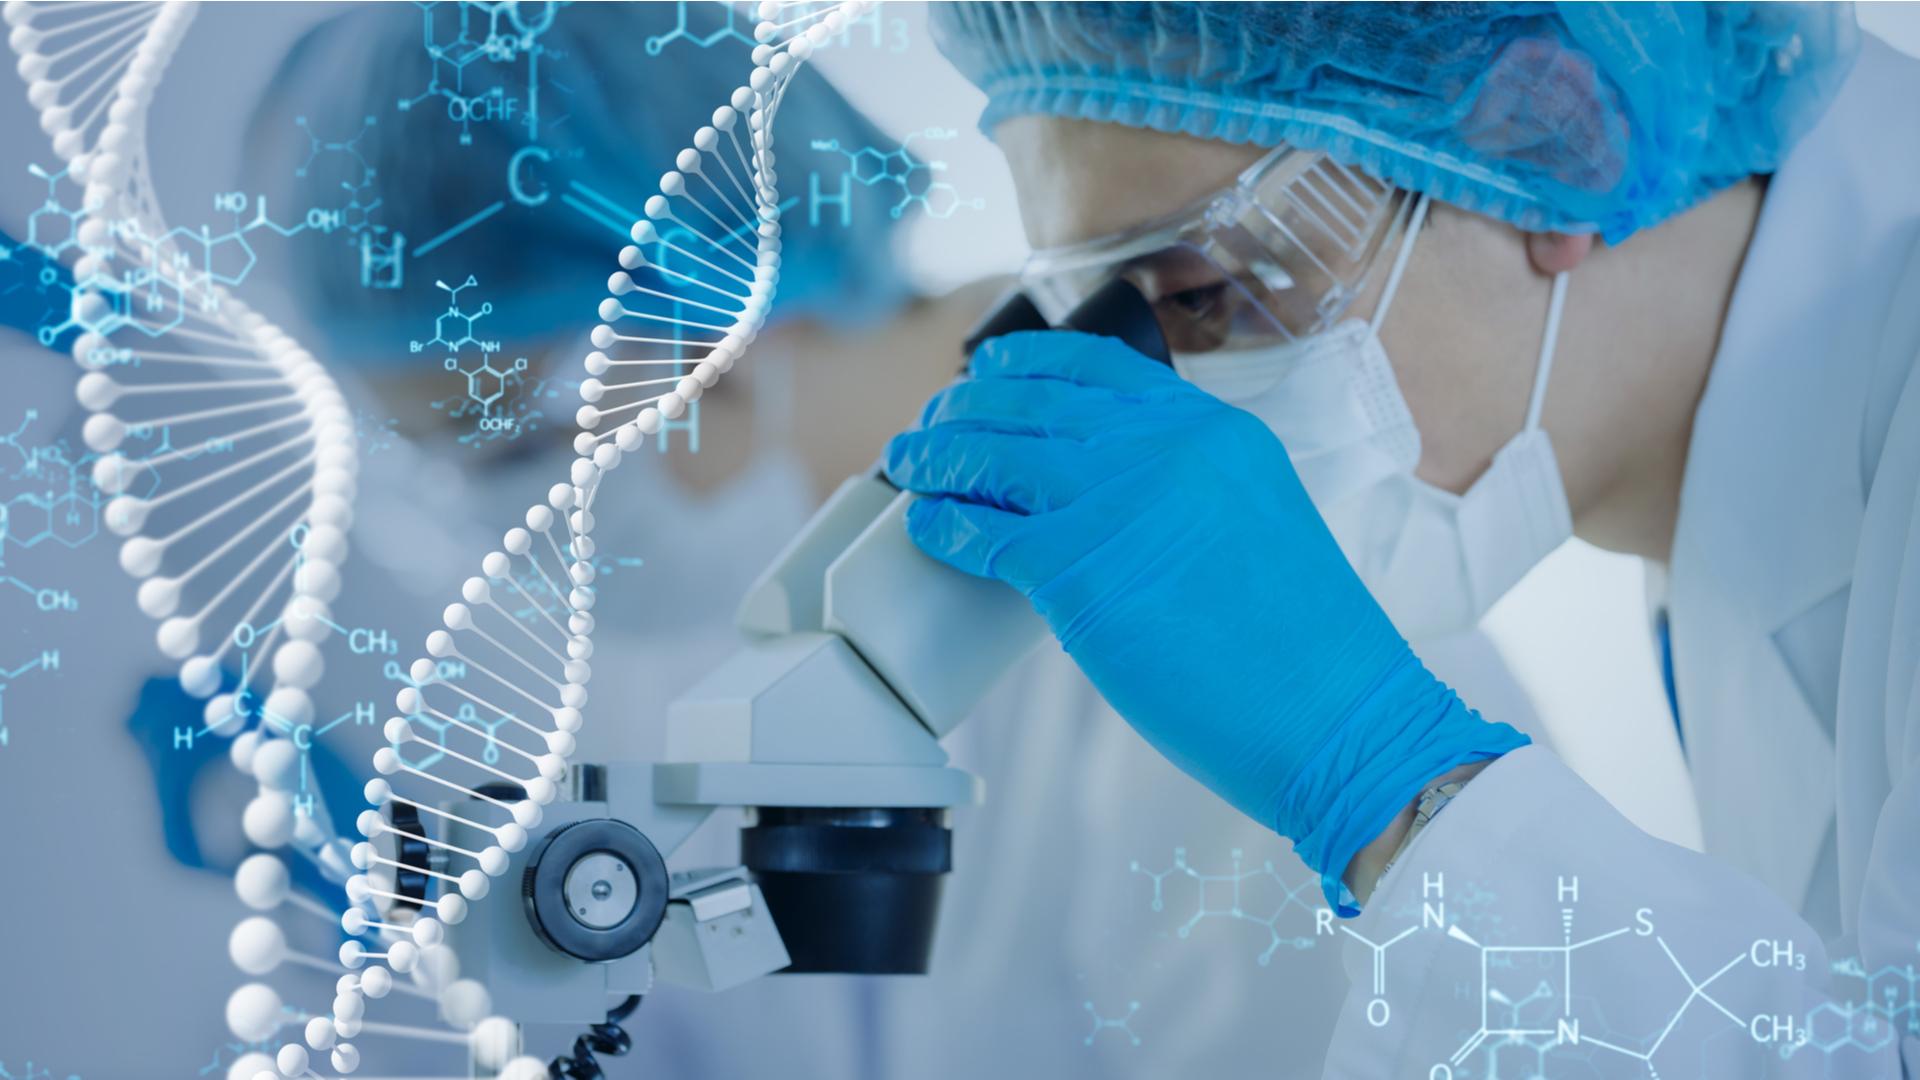 ¿Qué son las terapias biológicas y cómo pueden ayudarnos a vencer al cáncer?